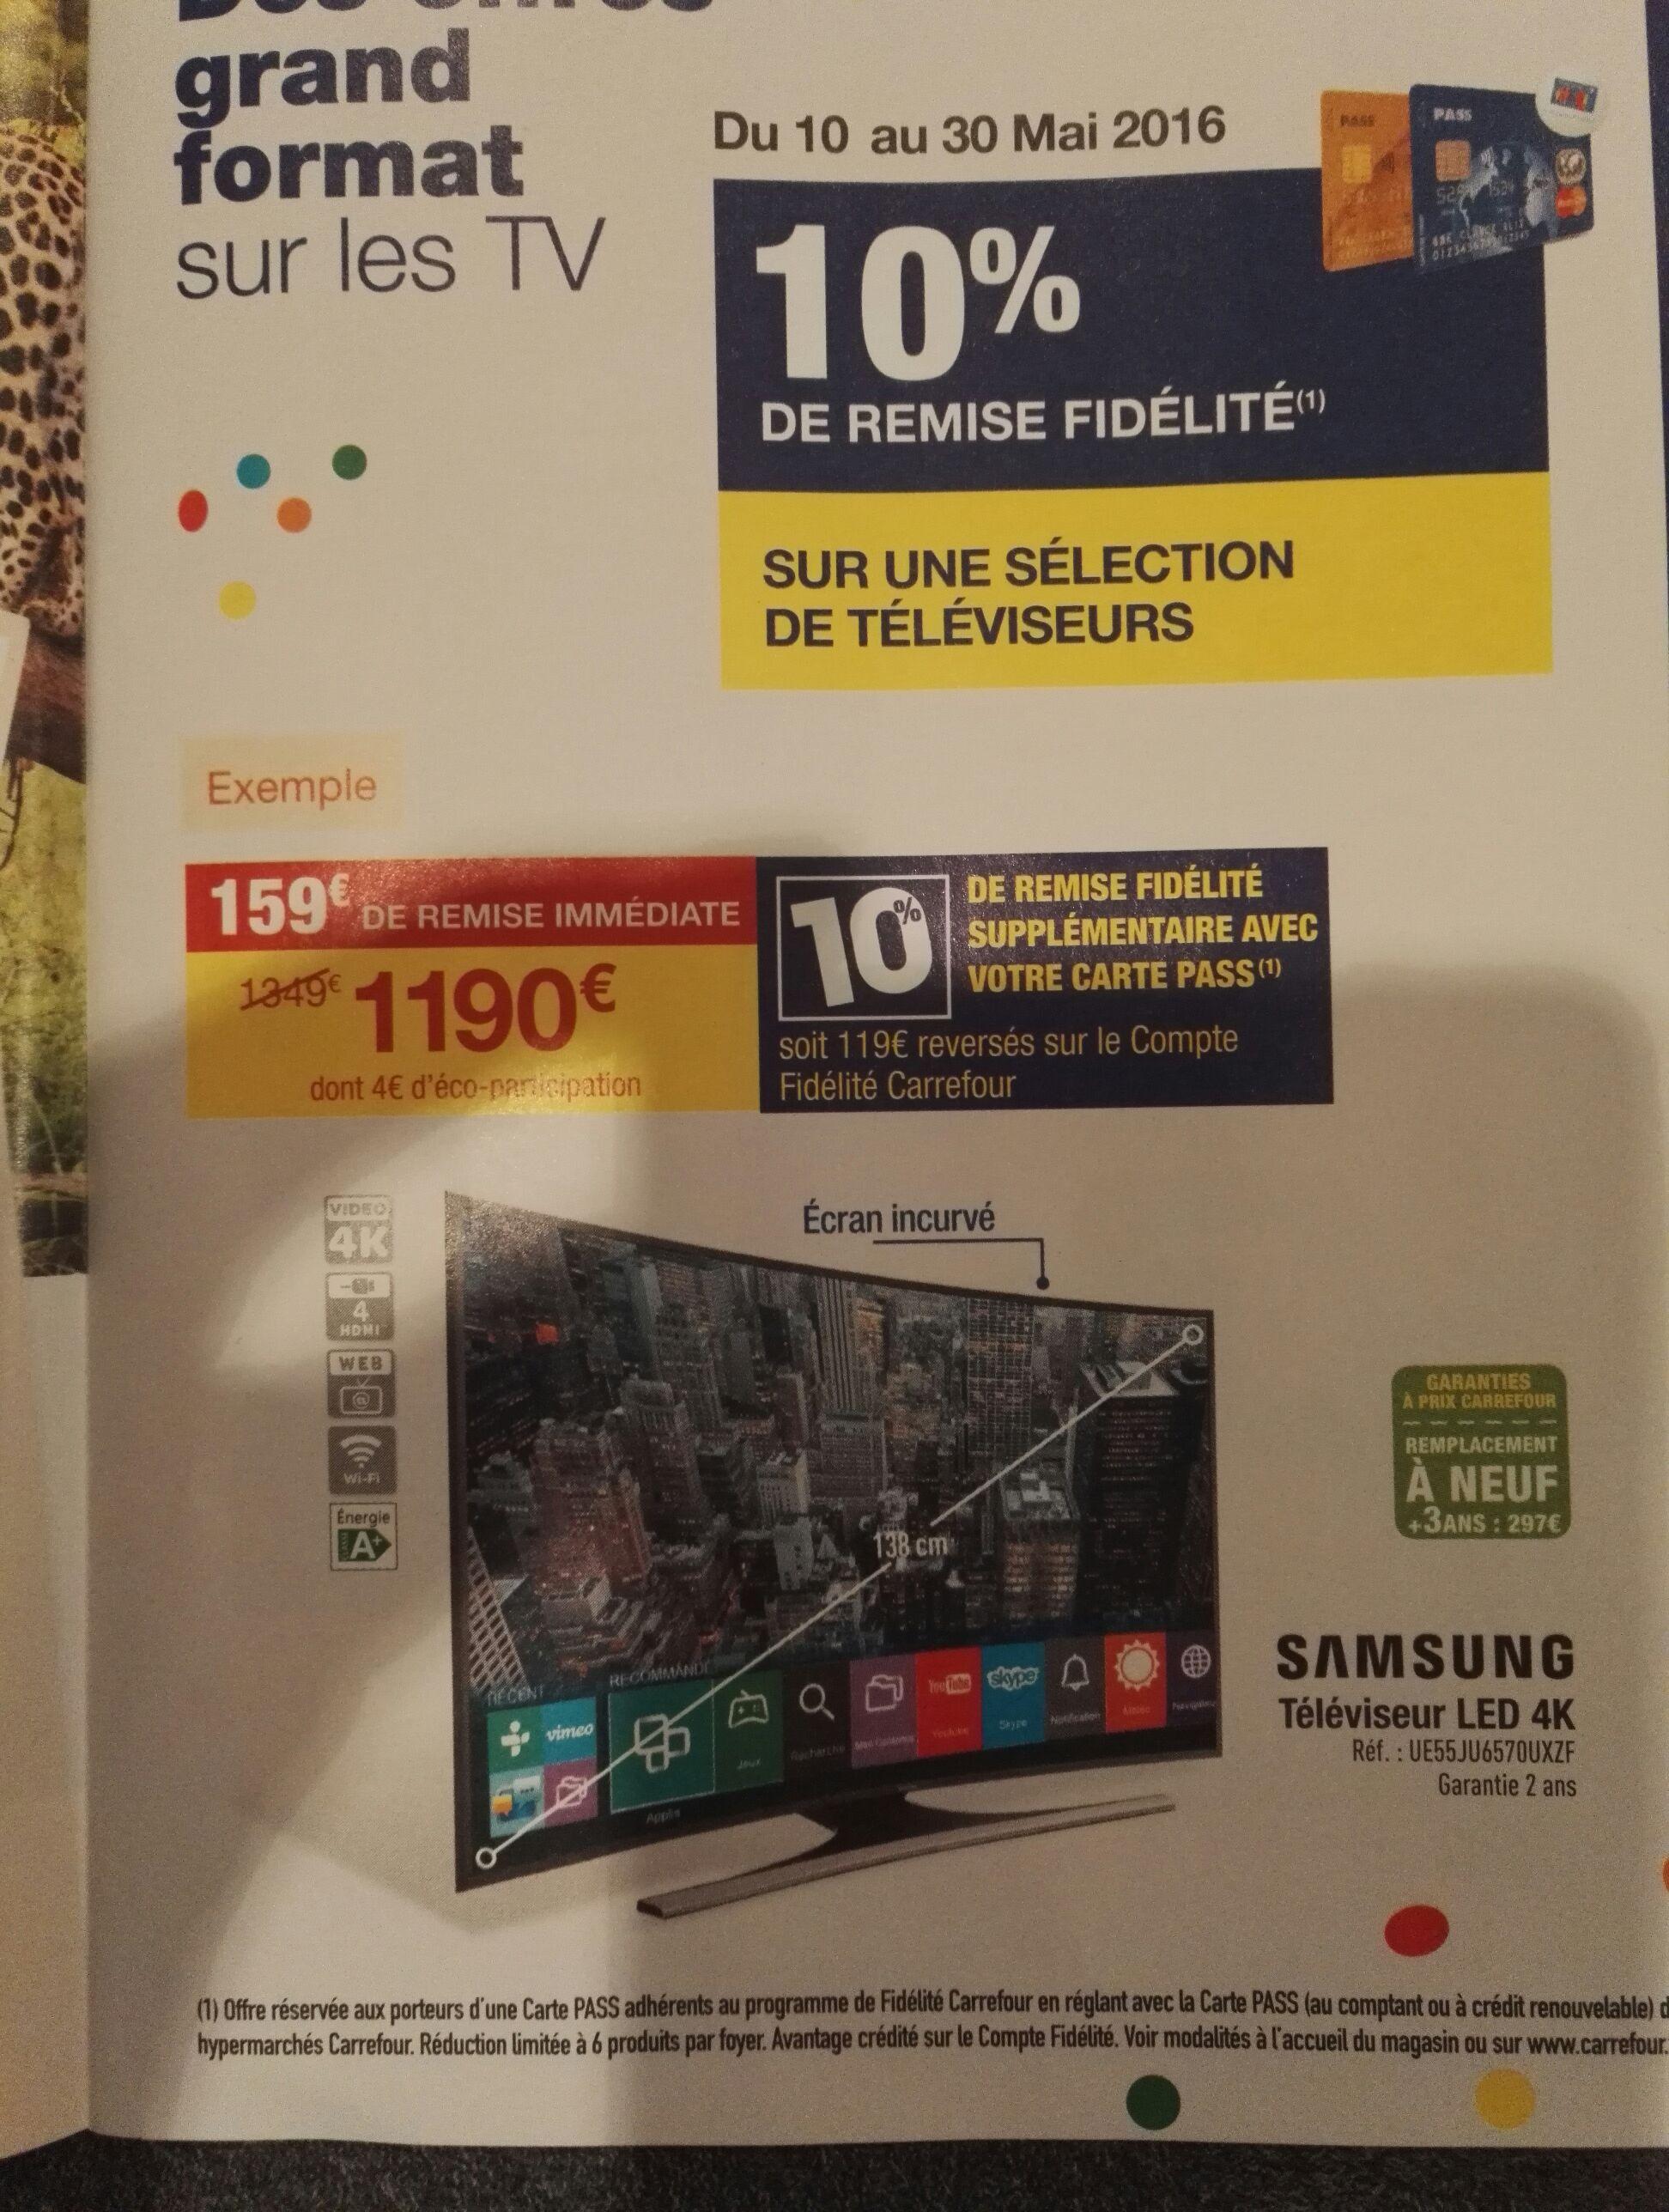 """[Carte Pass] TV 55"""" Samsung UE55JU6570 - Led, 4K, Incurvé (via 119€ fidélité)"""